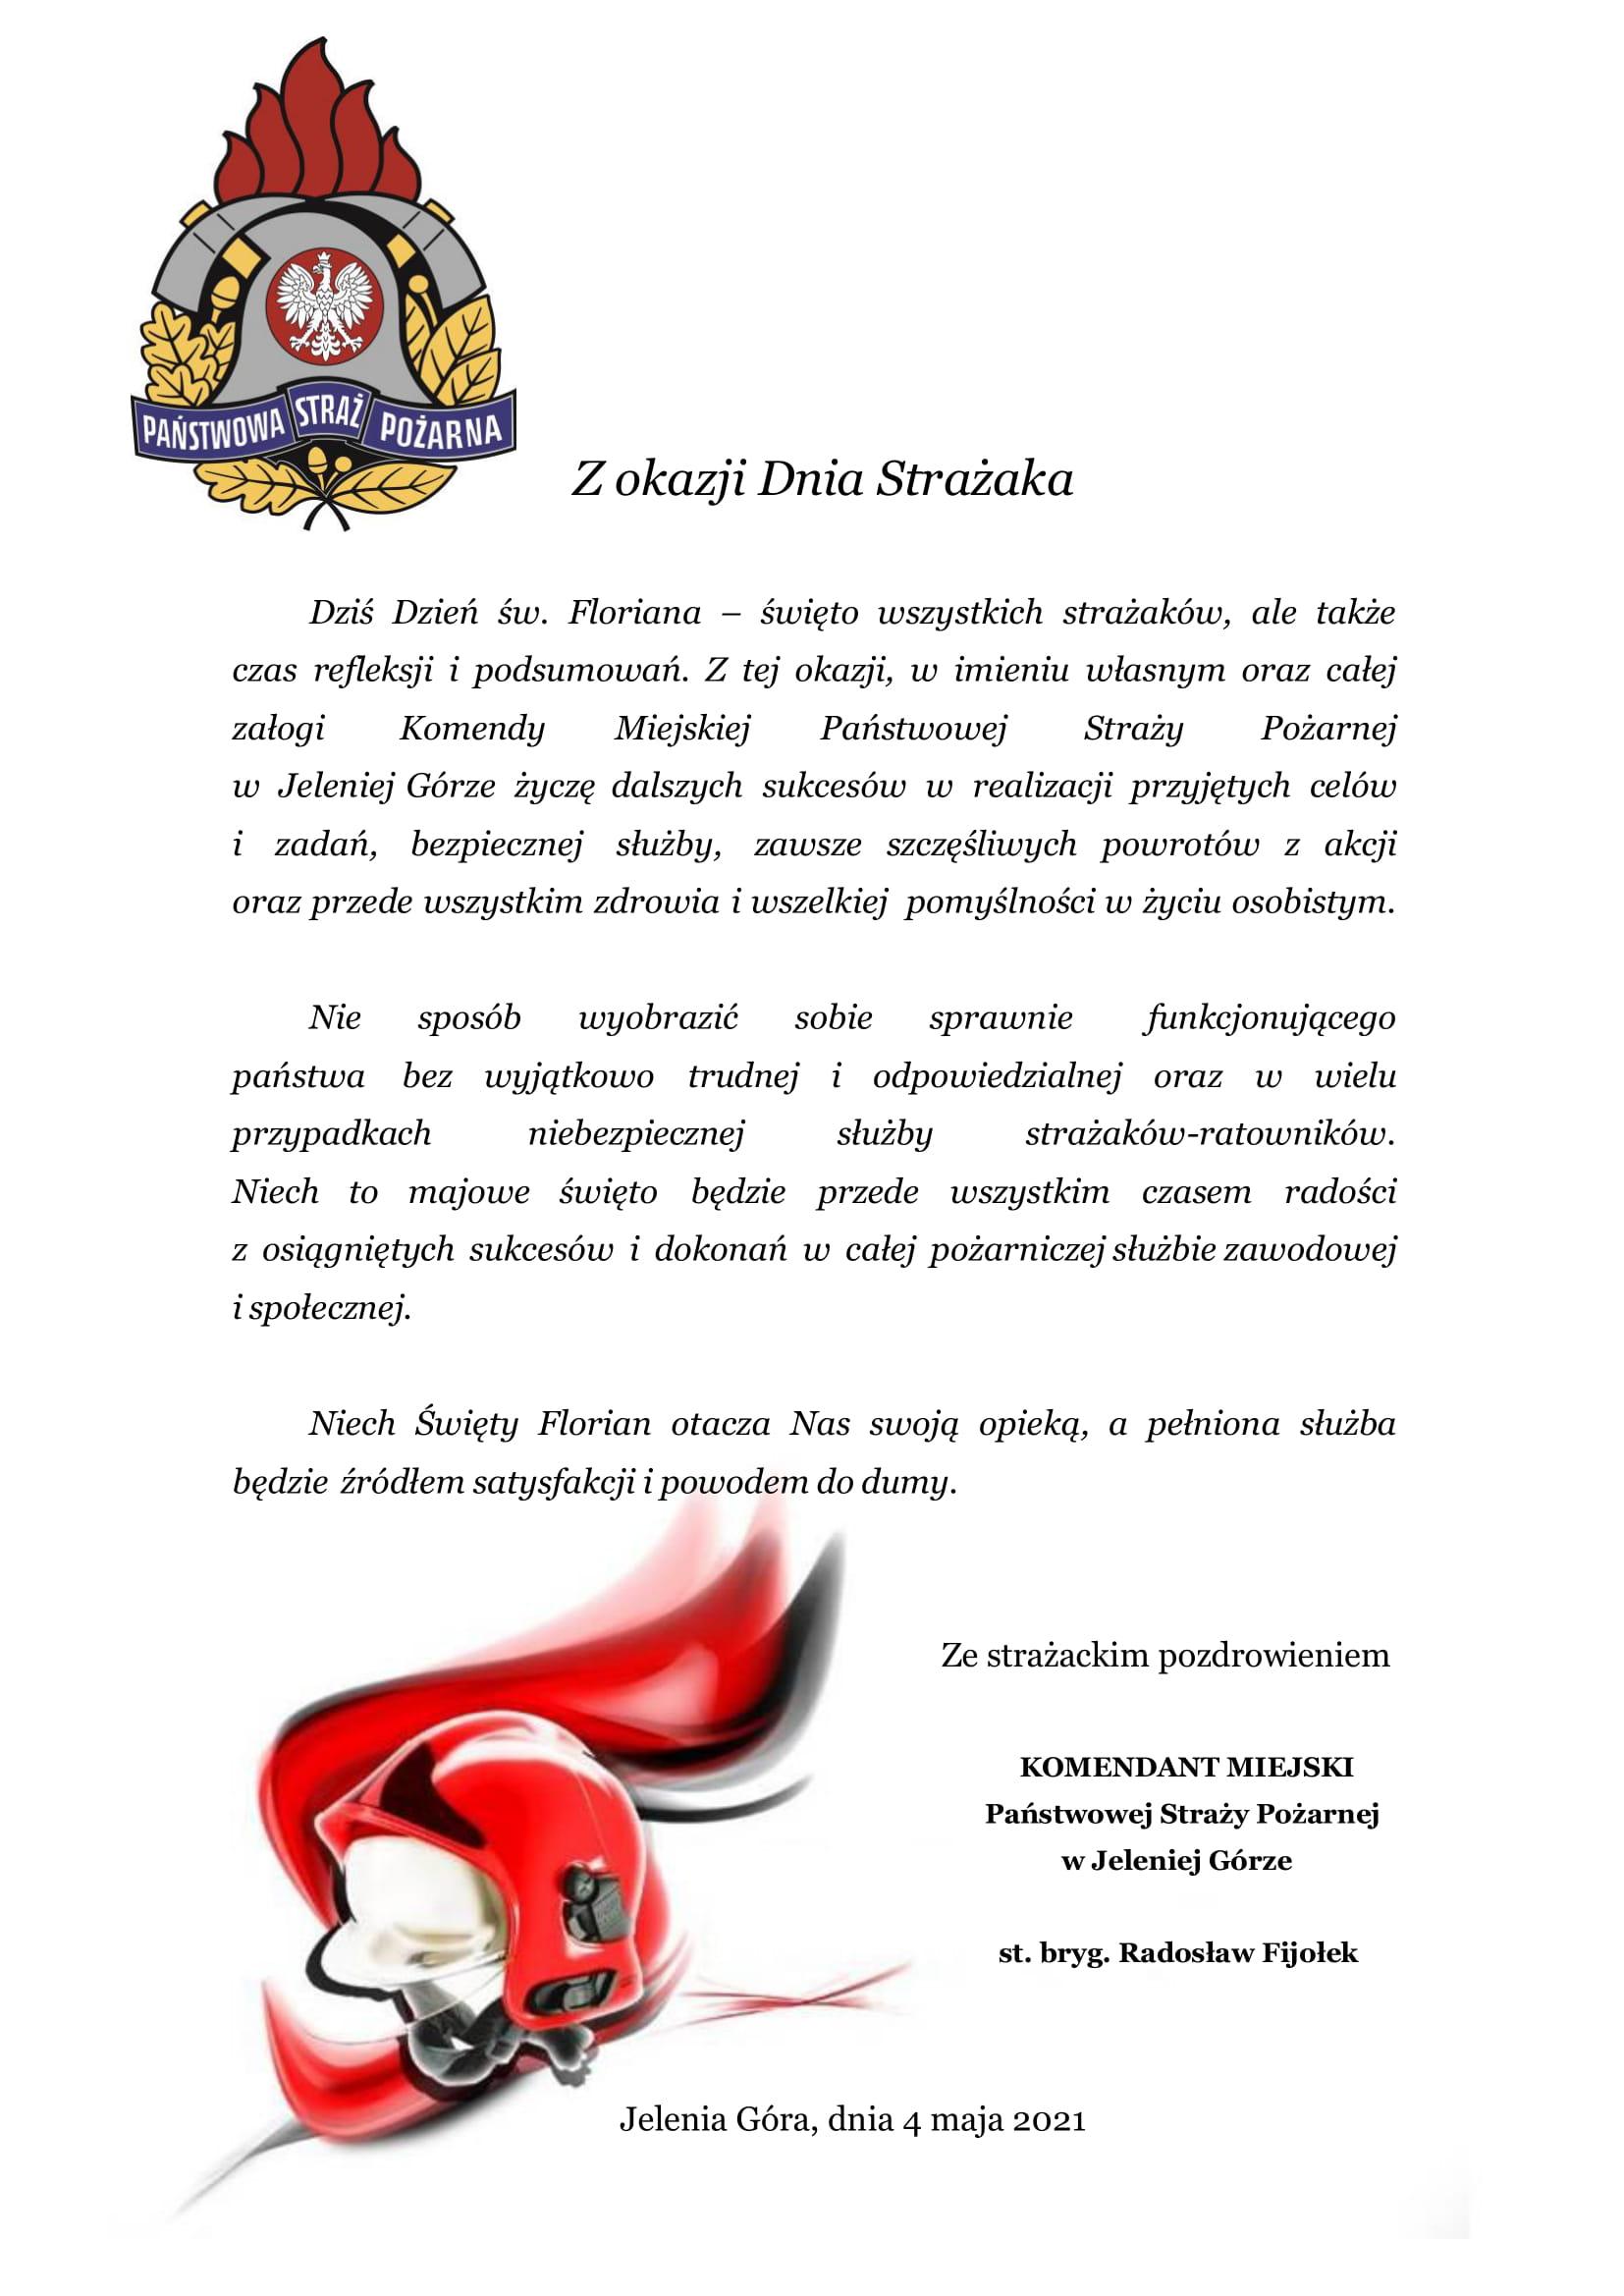 życzenia KM PSP Dzień Strażaka 2021